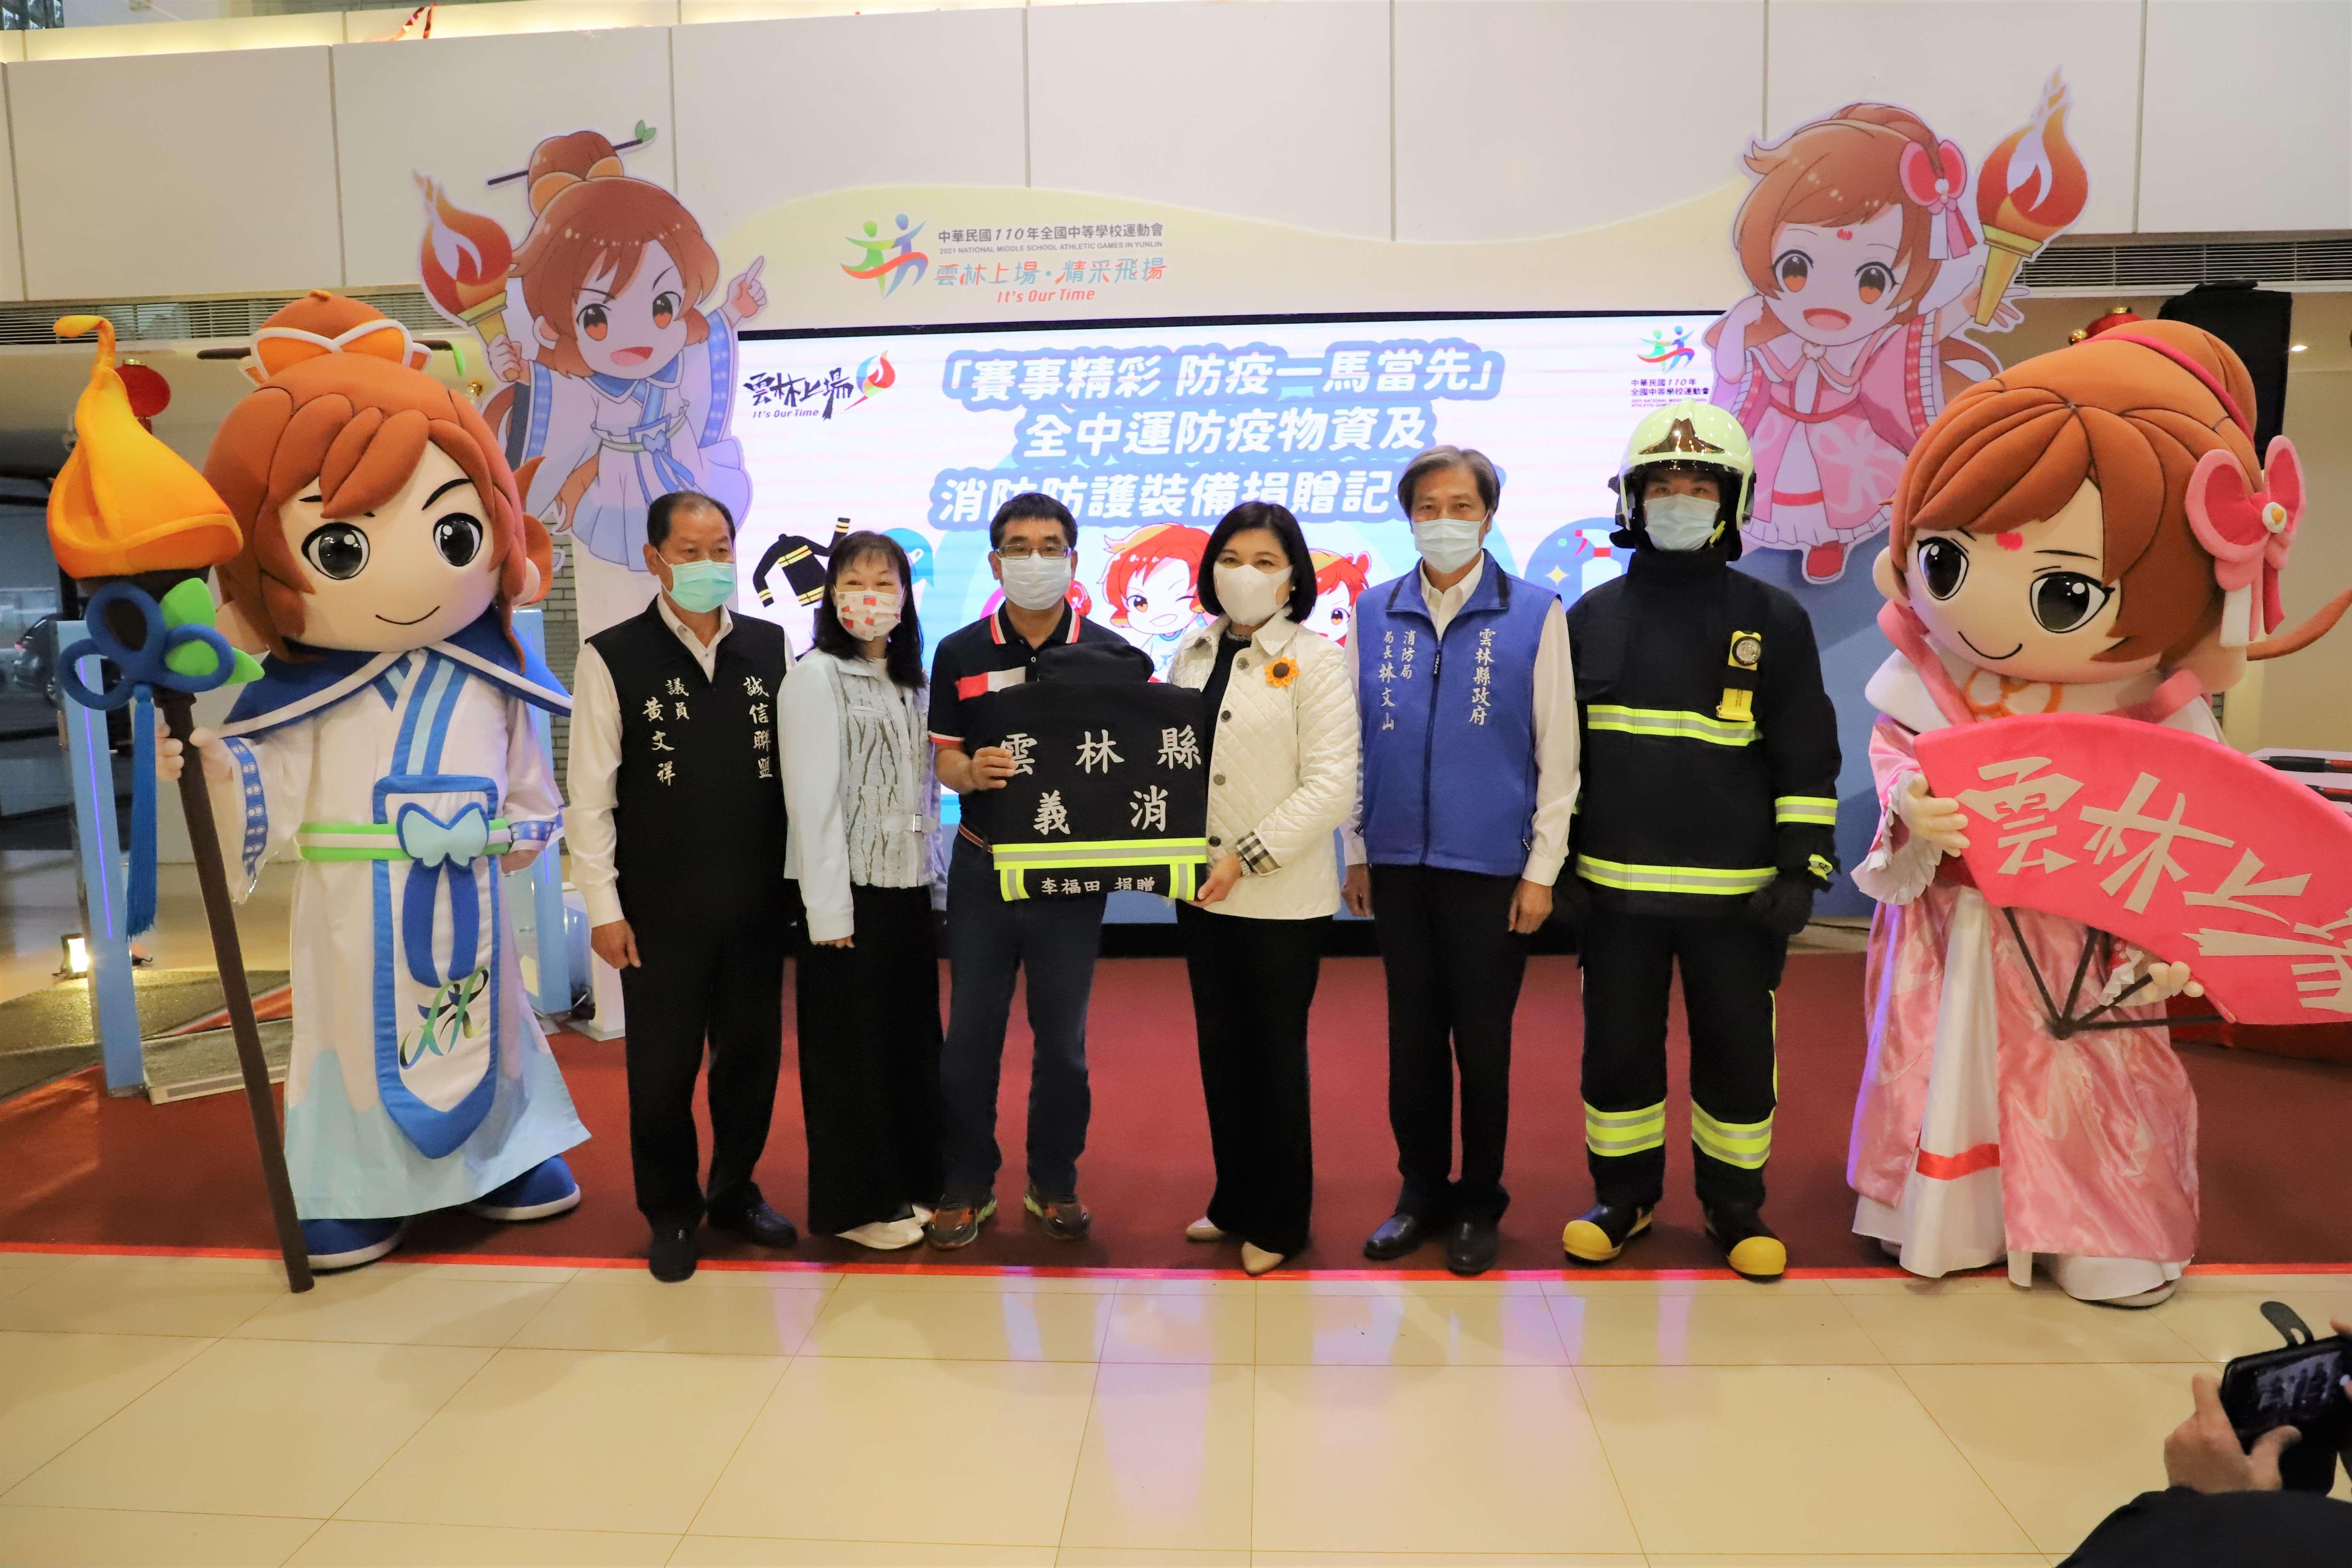 李福田先生除捐贈防疫智能潔淨門外,還捐贈20套消防裝備。